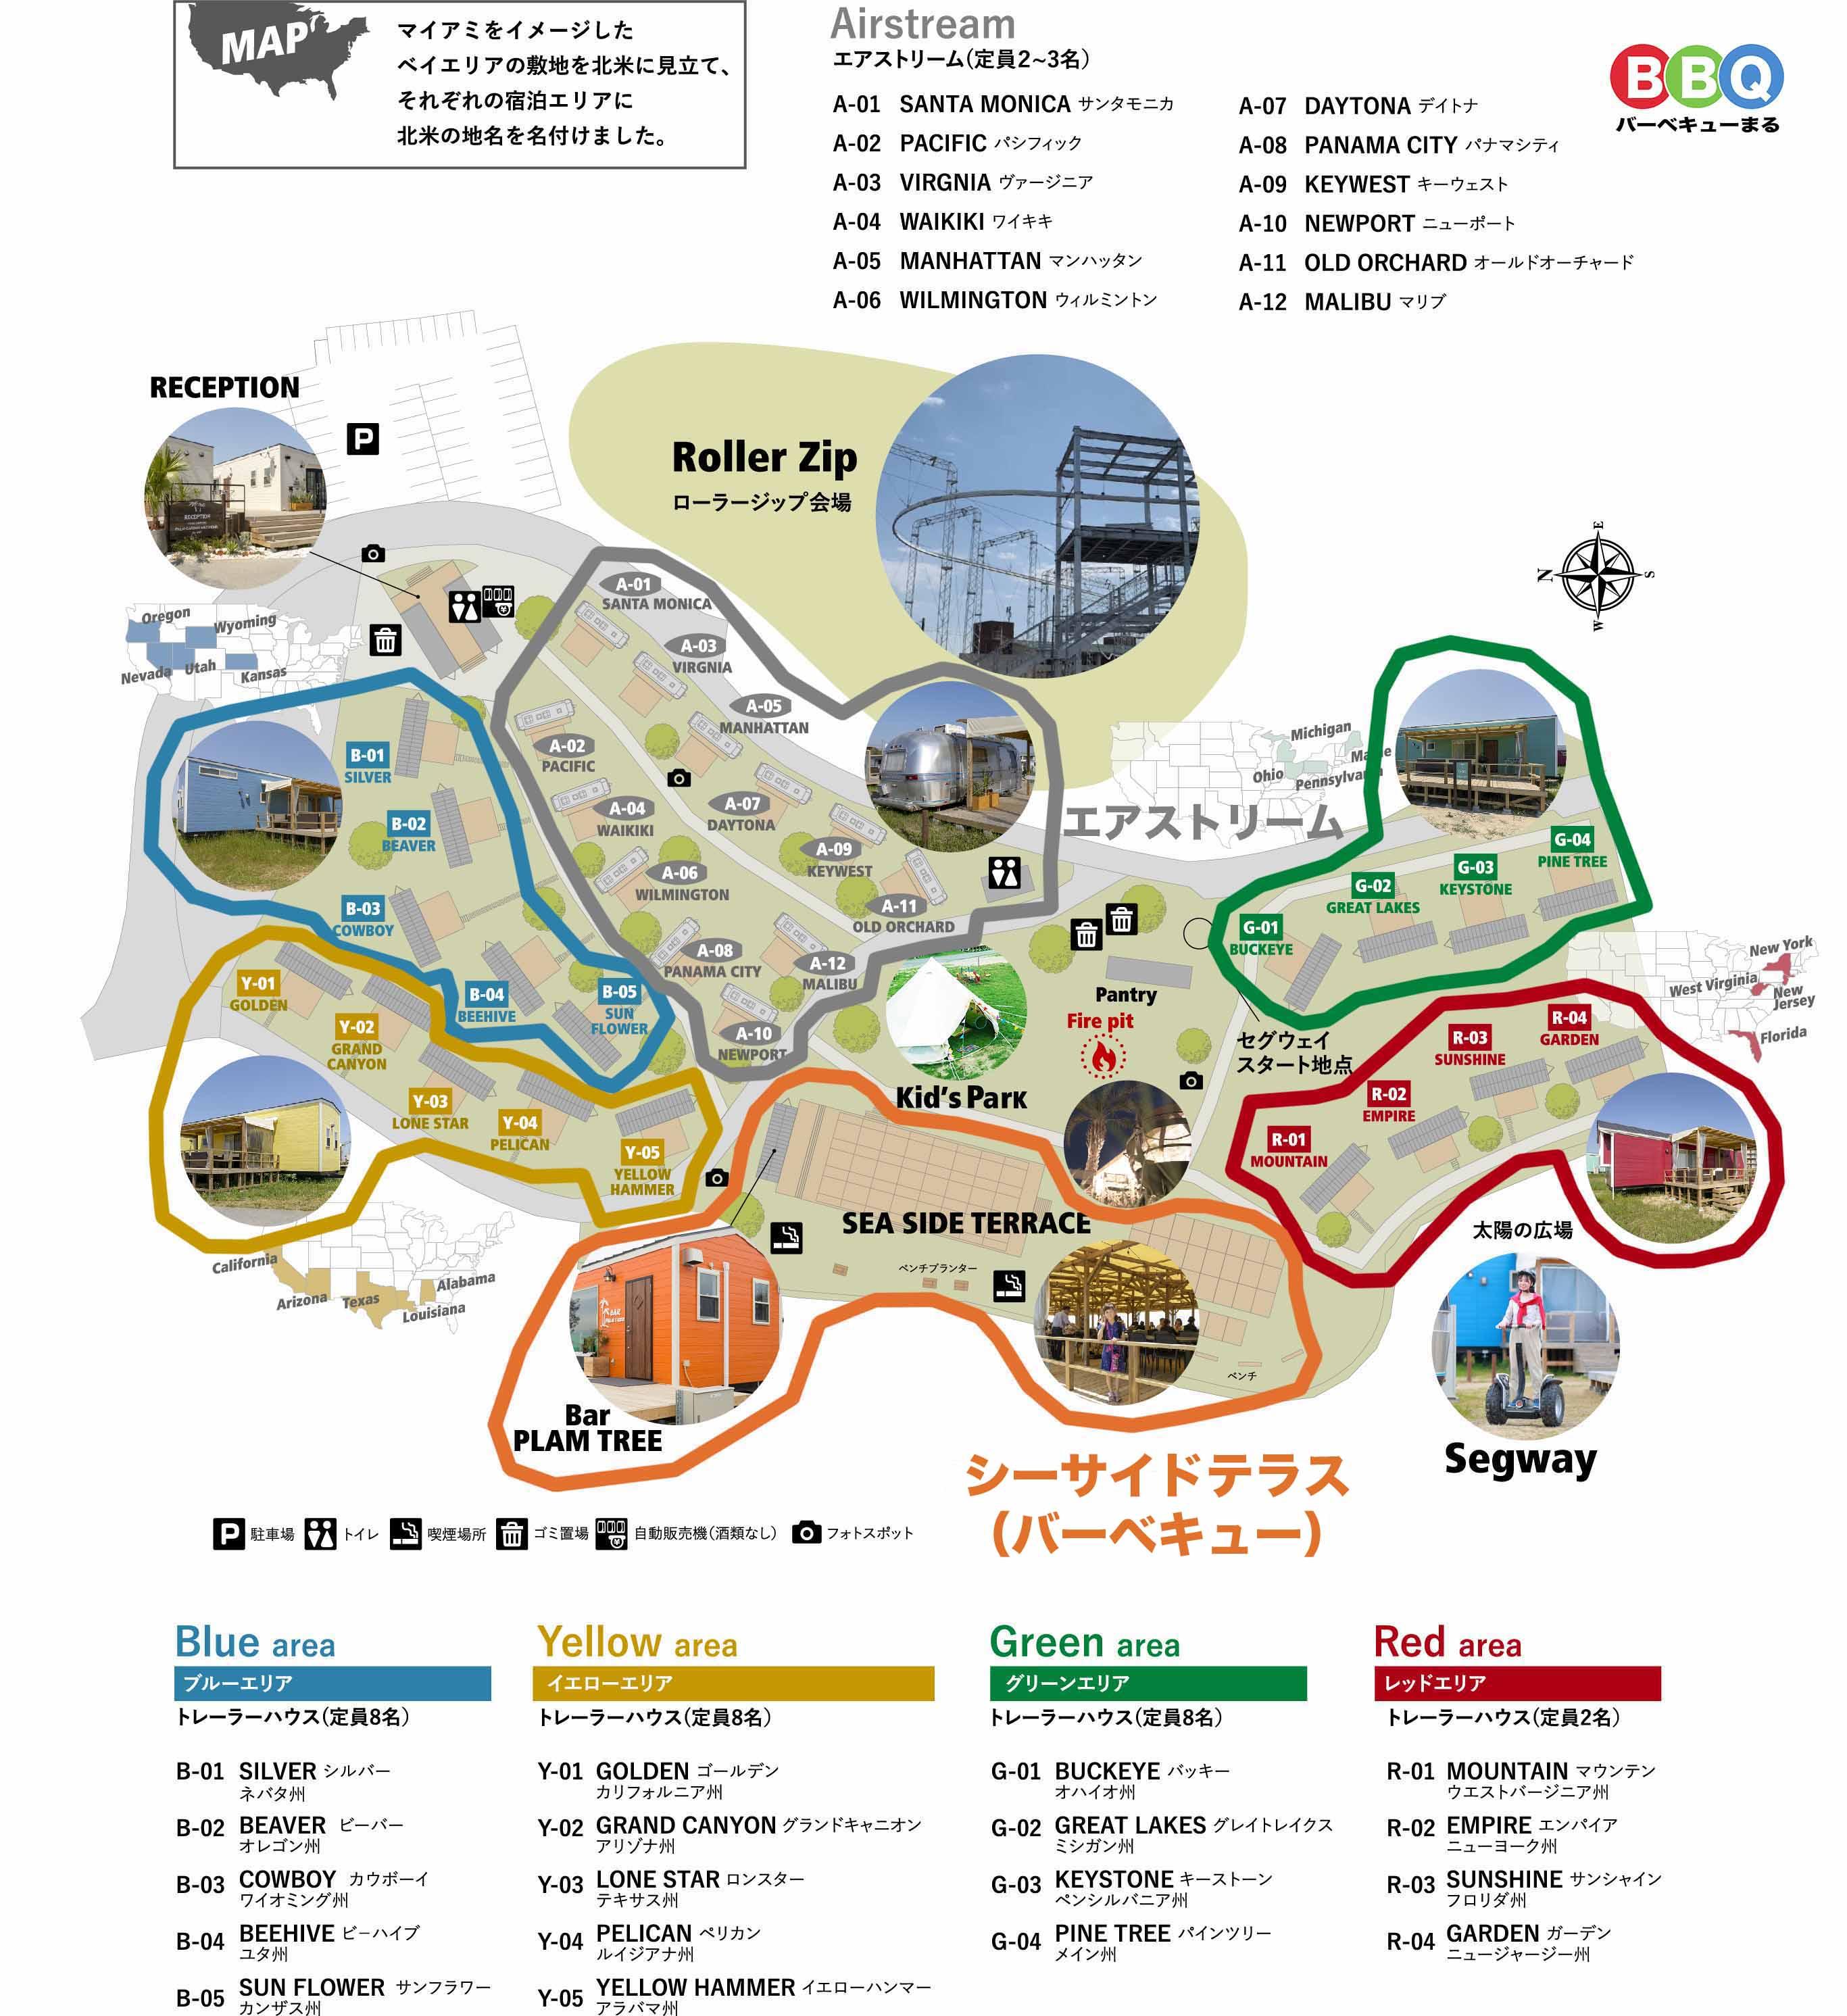 パームガーデン舞洲のガイドマップ